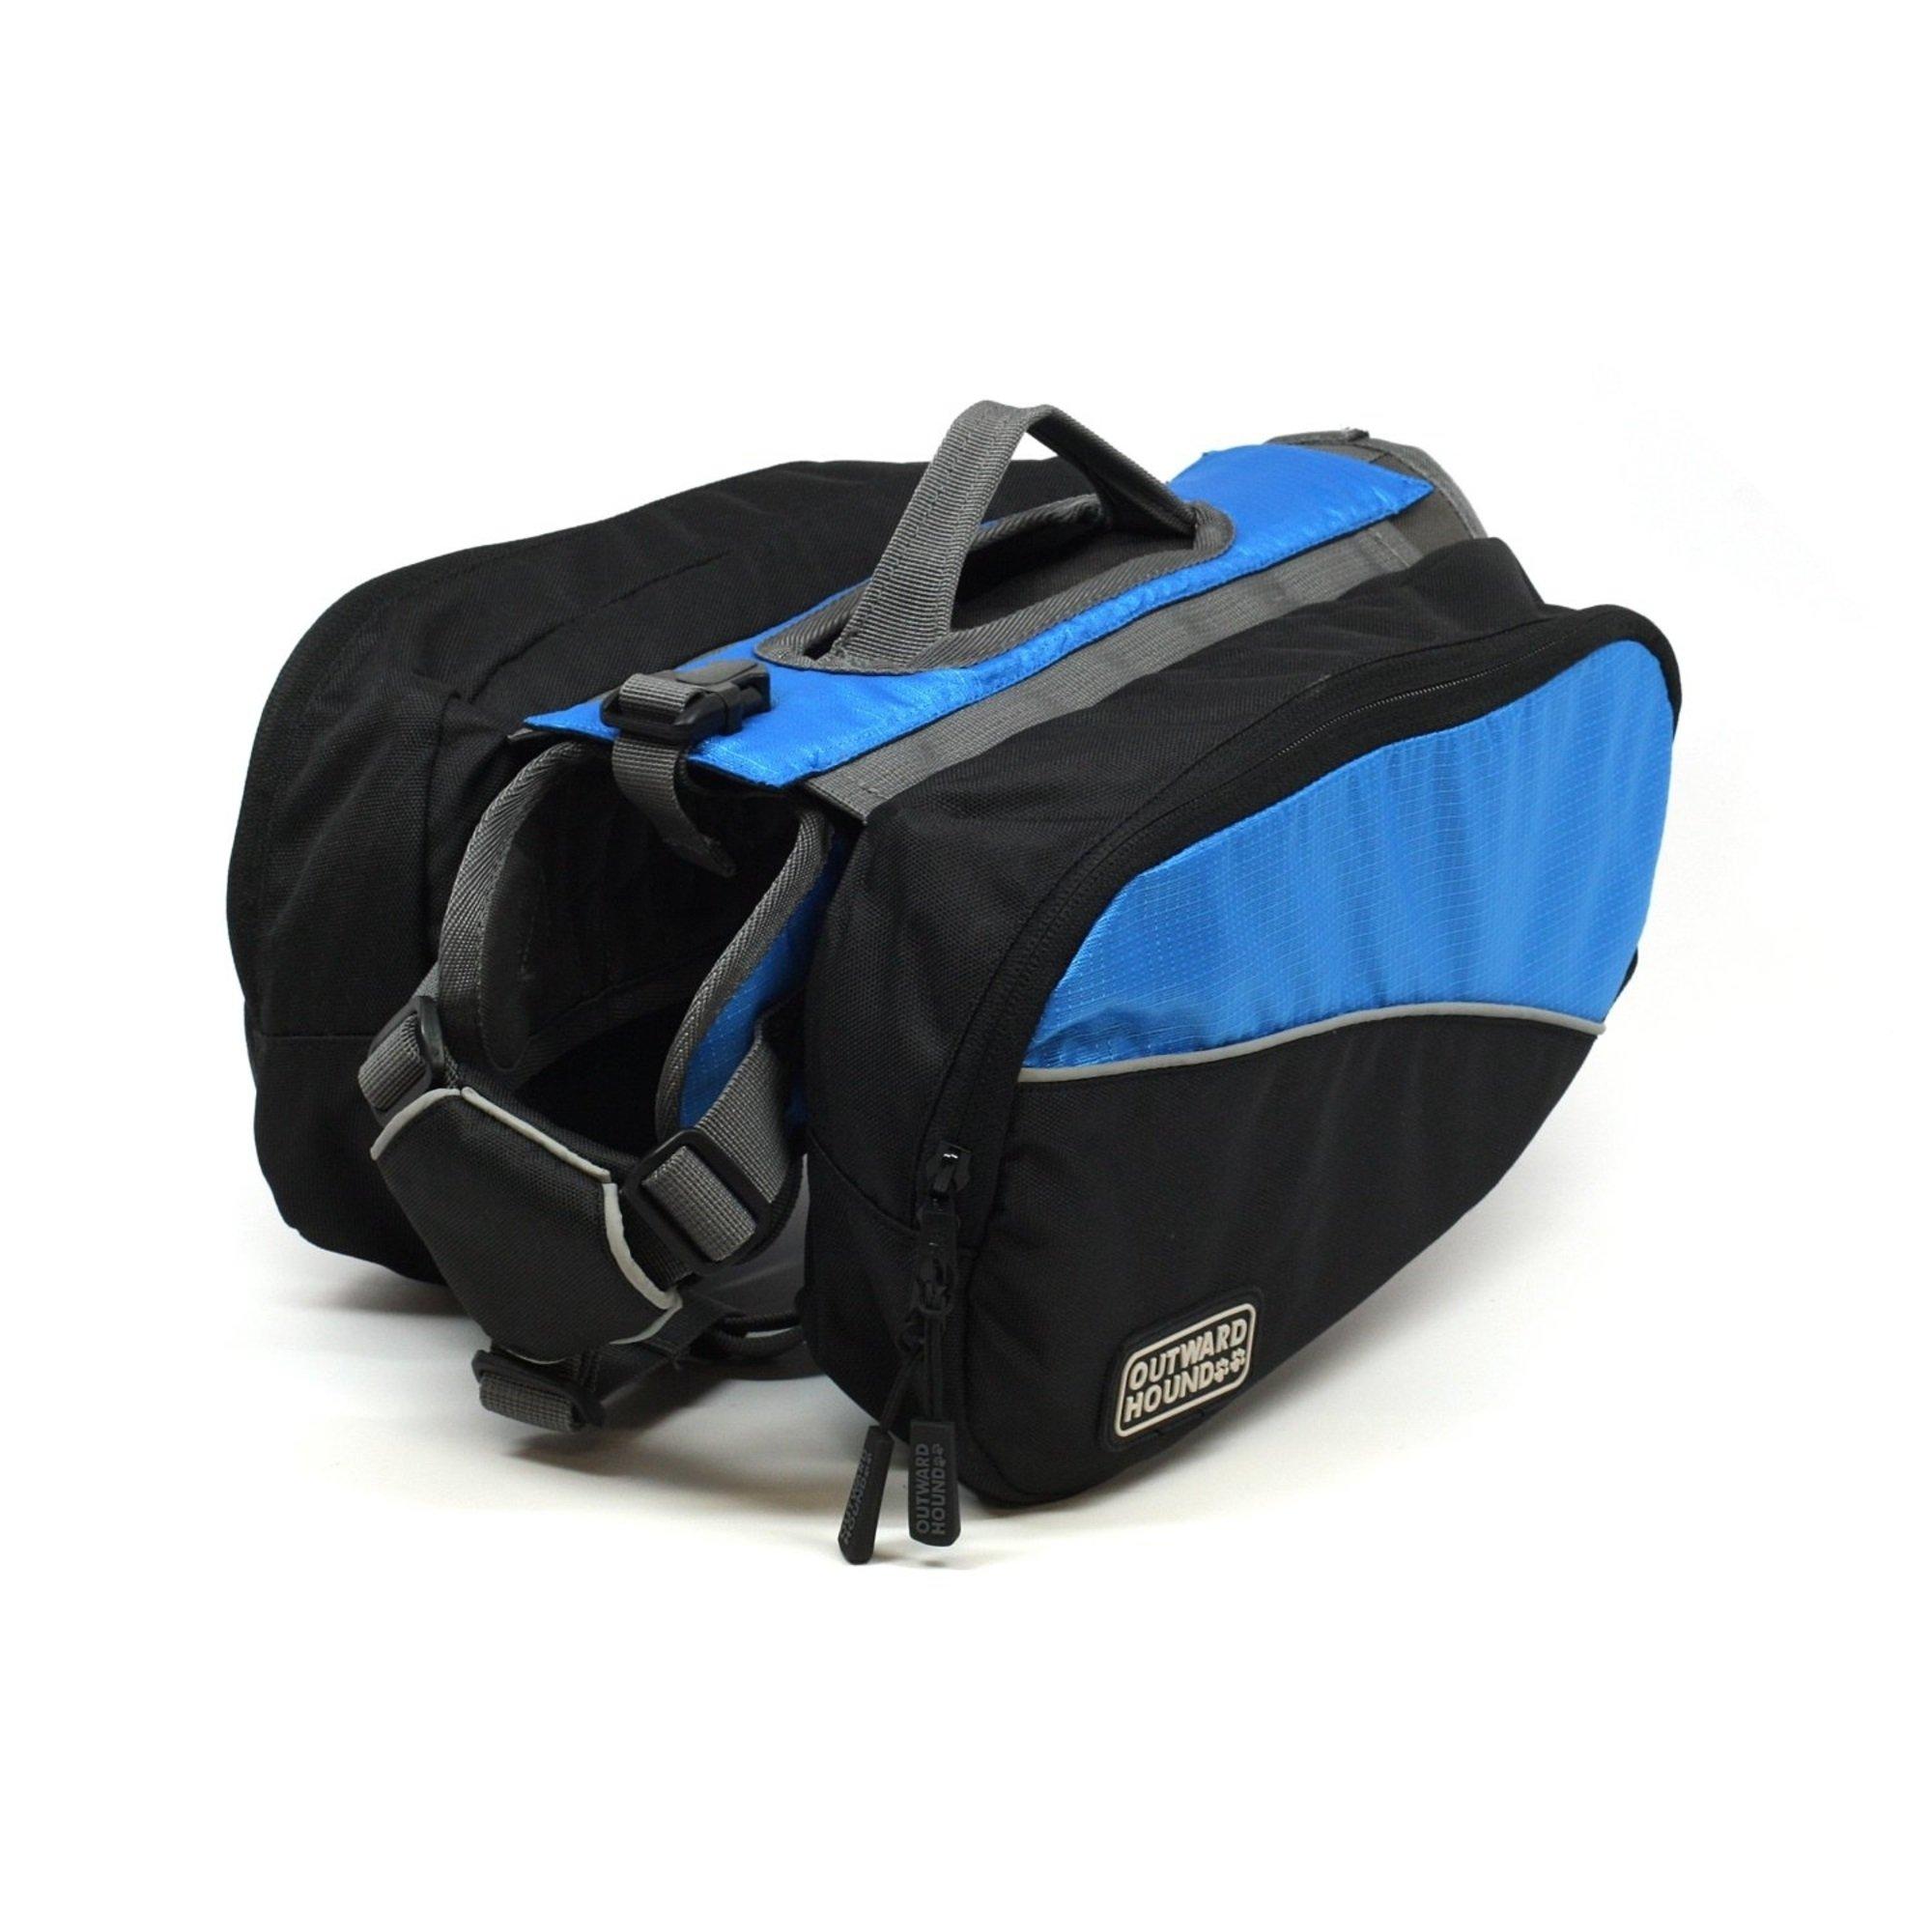 Outward Hound Kyjen  2498 Dog Backpack, Small, Blue by Kyjen